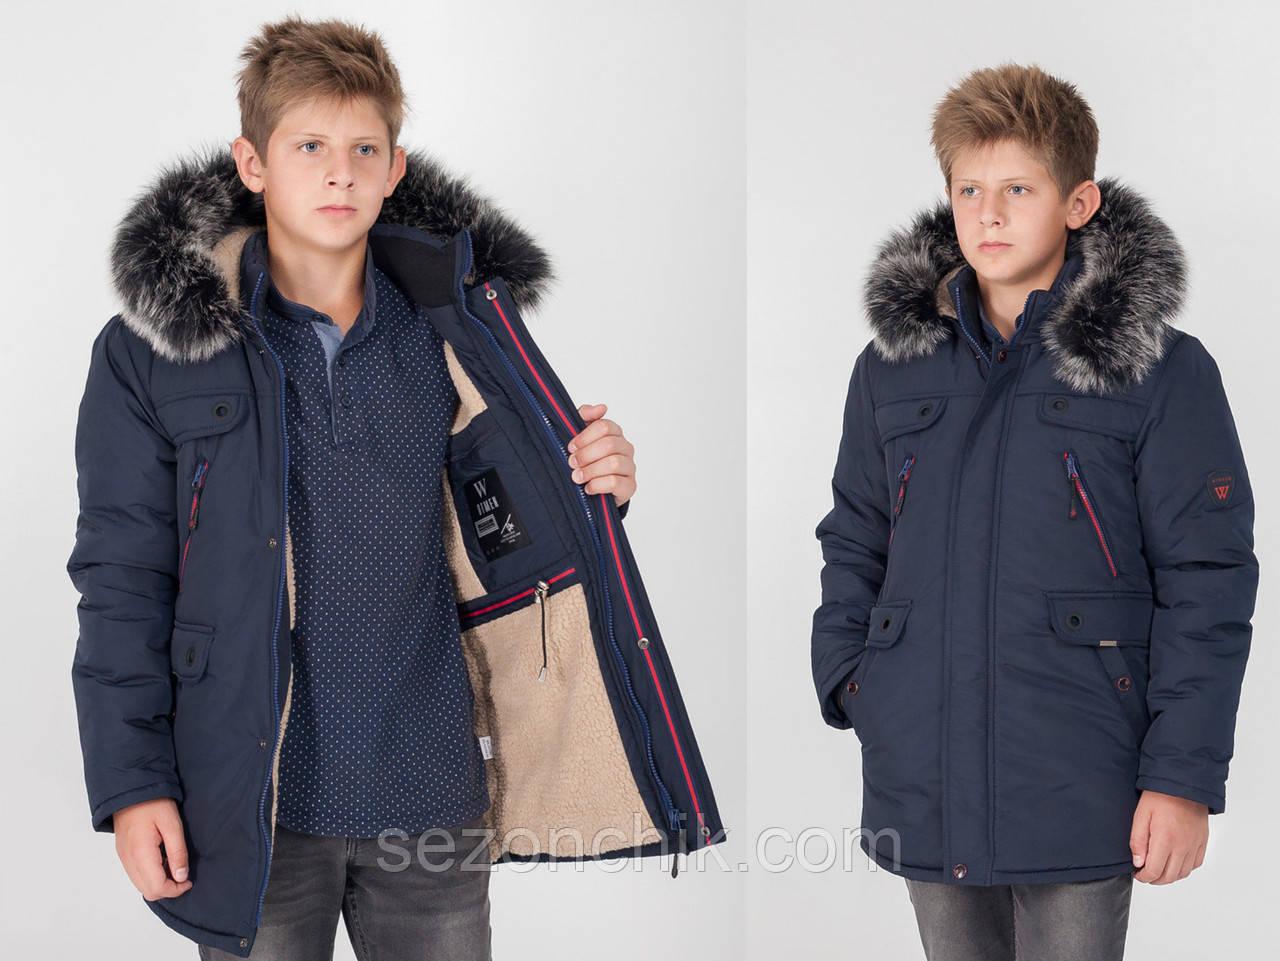 Куртка зимняя на мальчиков с мехом на капюшоне